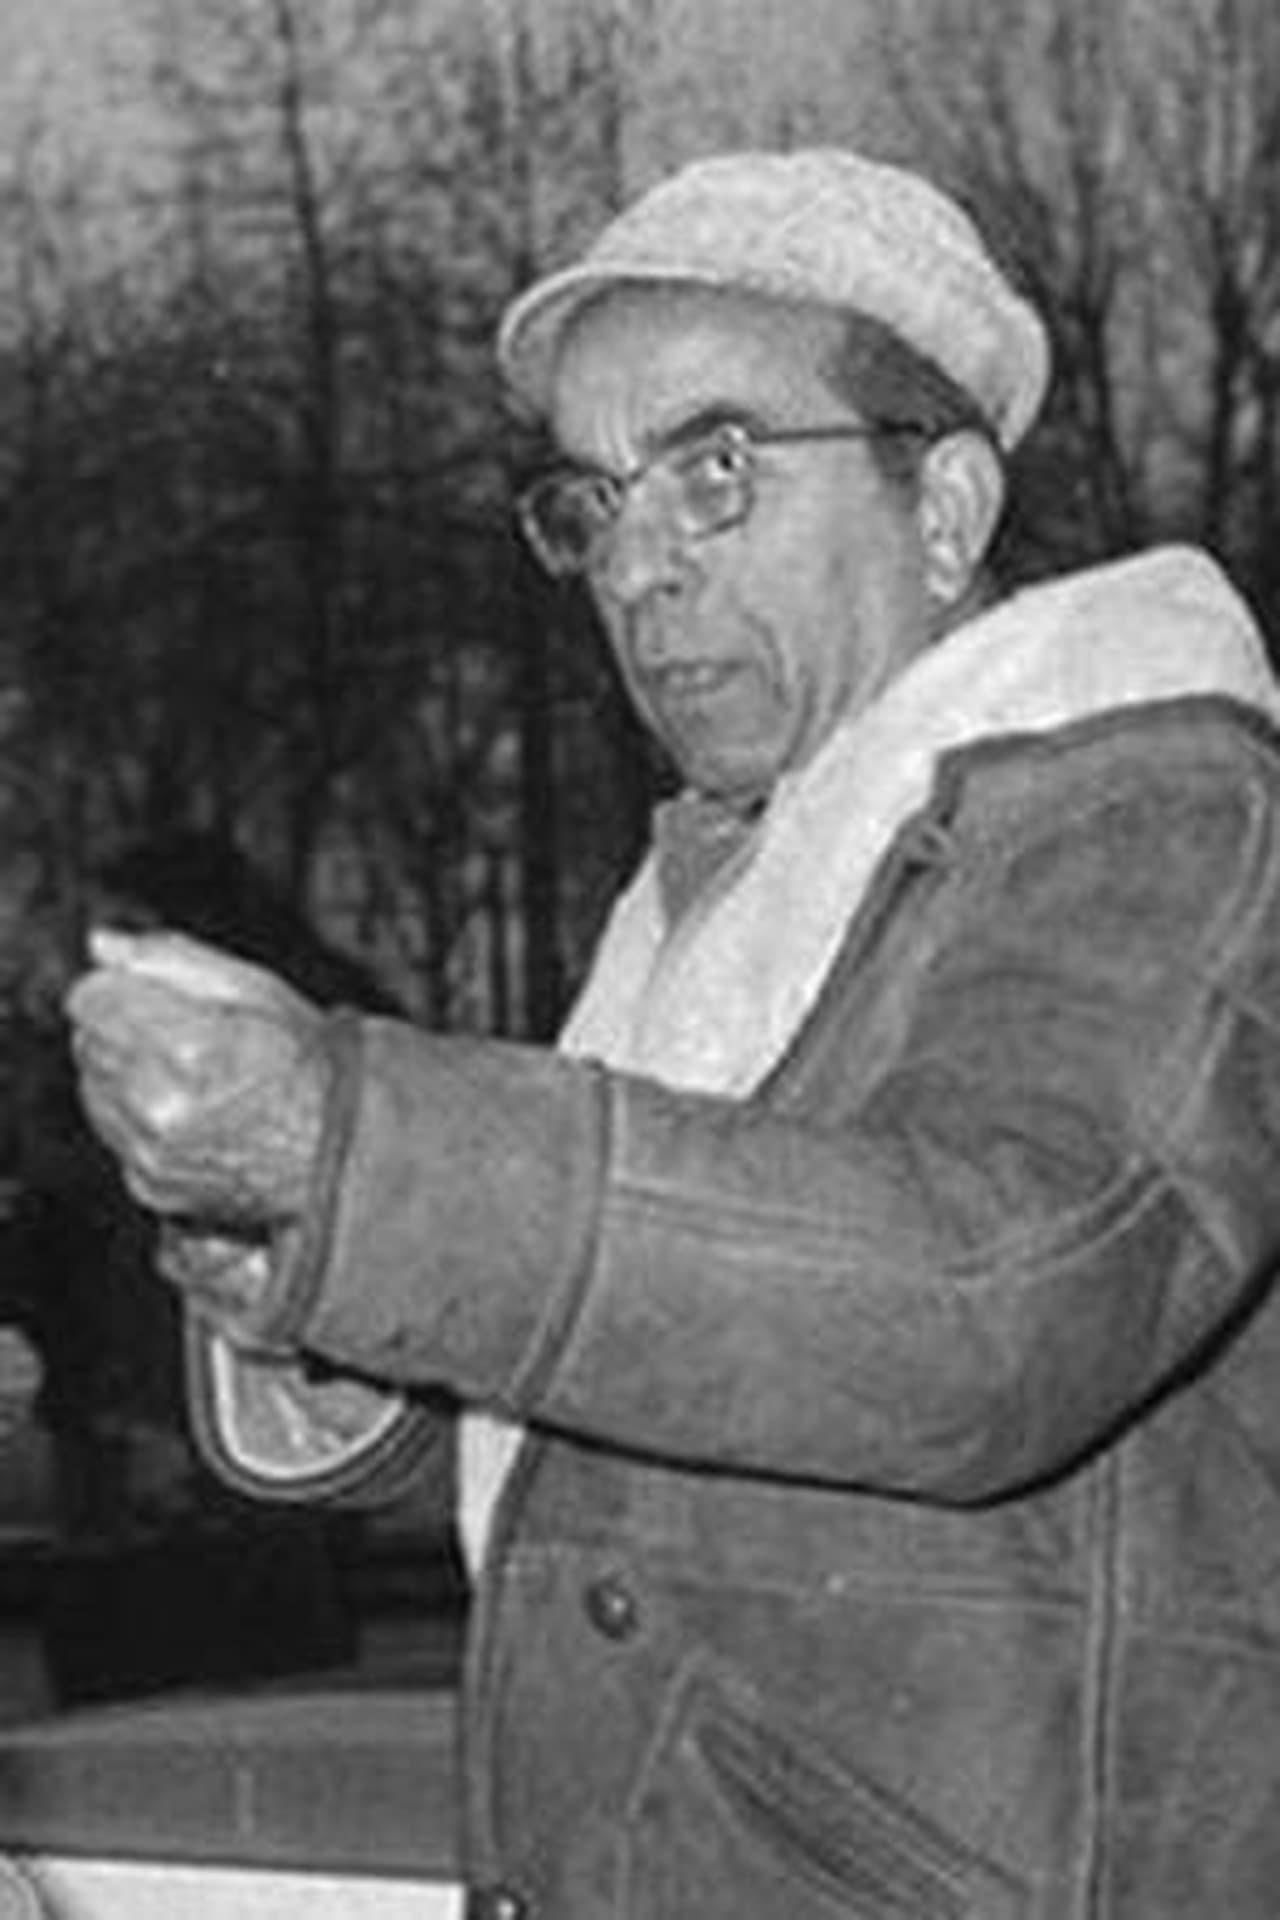 Massimo Dallamano